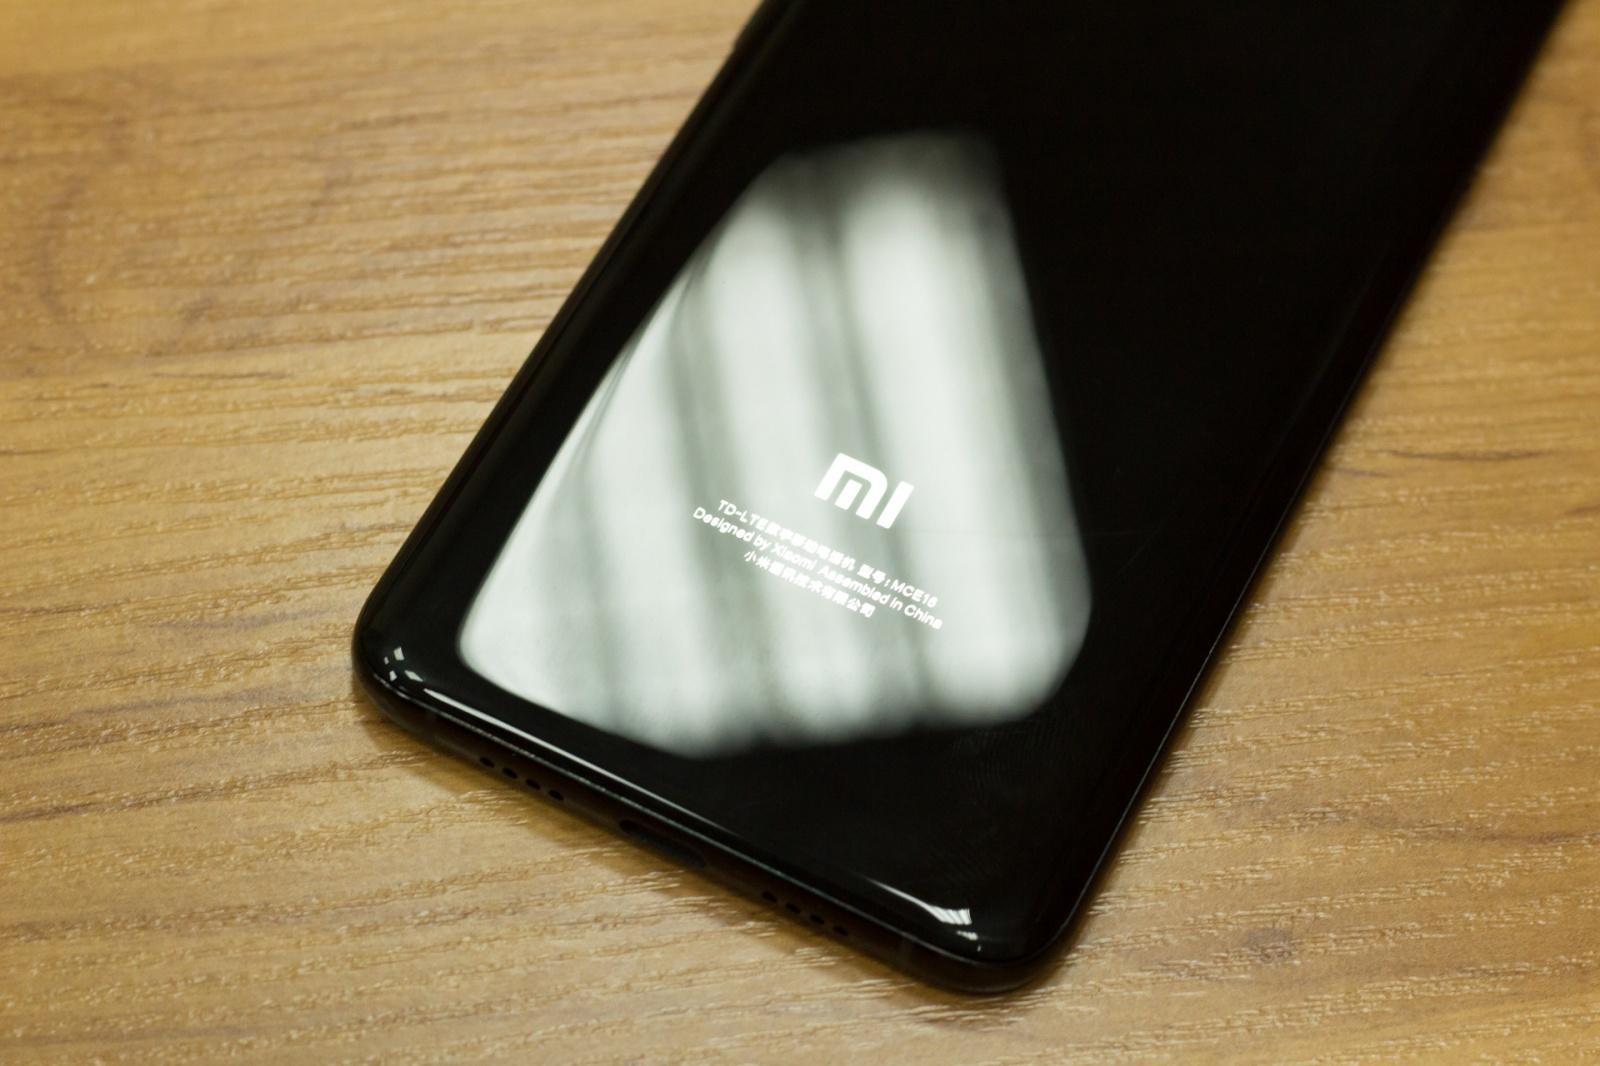 Обзор Xiaomi Mi6. Настоящий флагман за полцены, и при этом не совсем лопата - 12